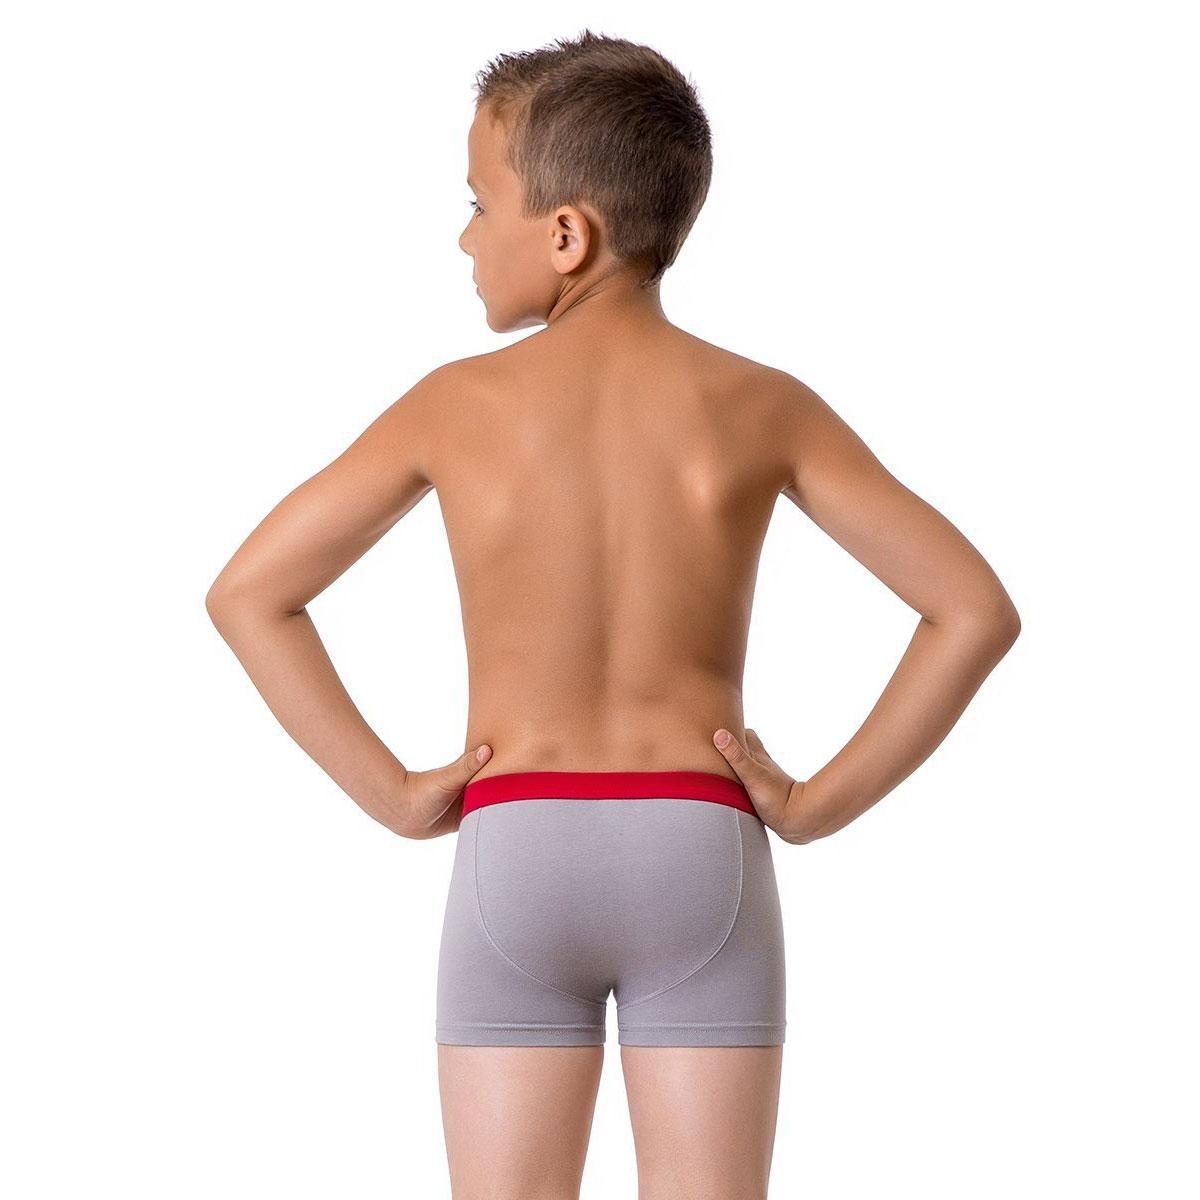 Трусы-боксеры для мальчиков Nirey Нирей цвет серый размер 92-98 см